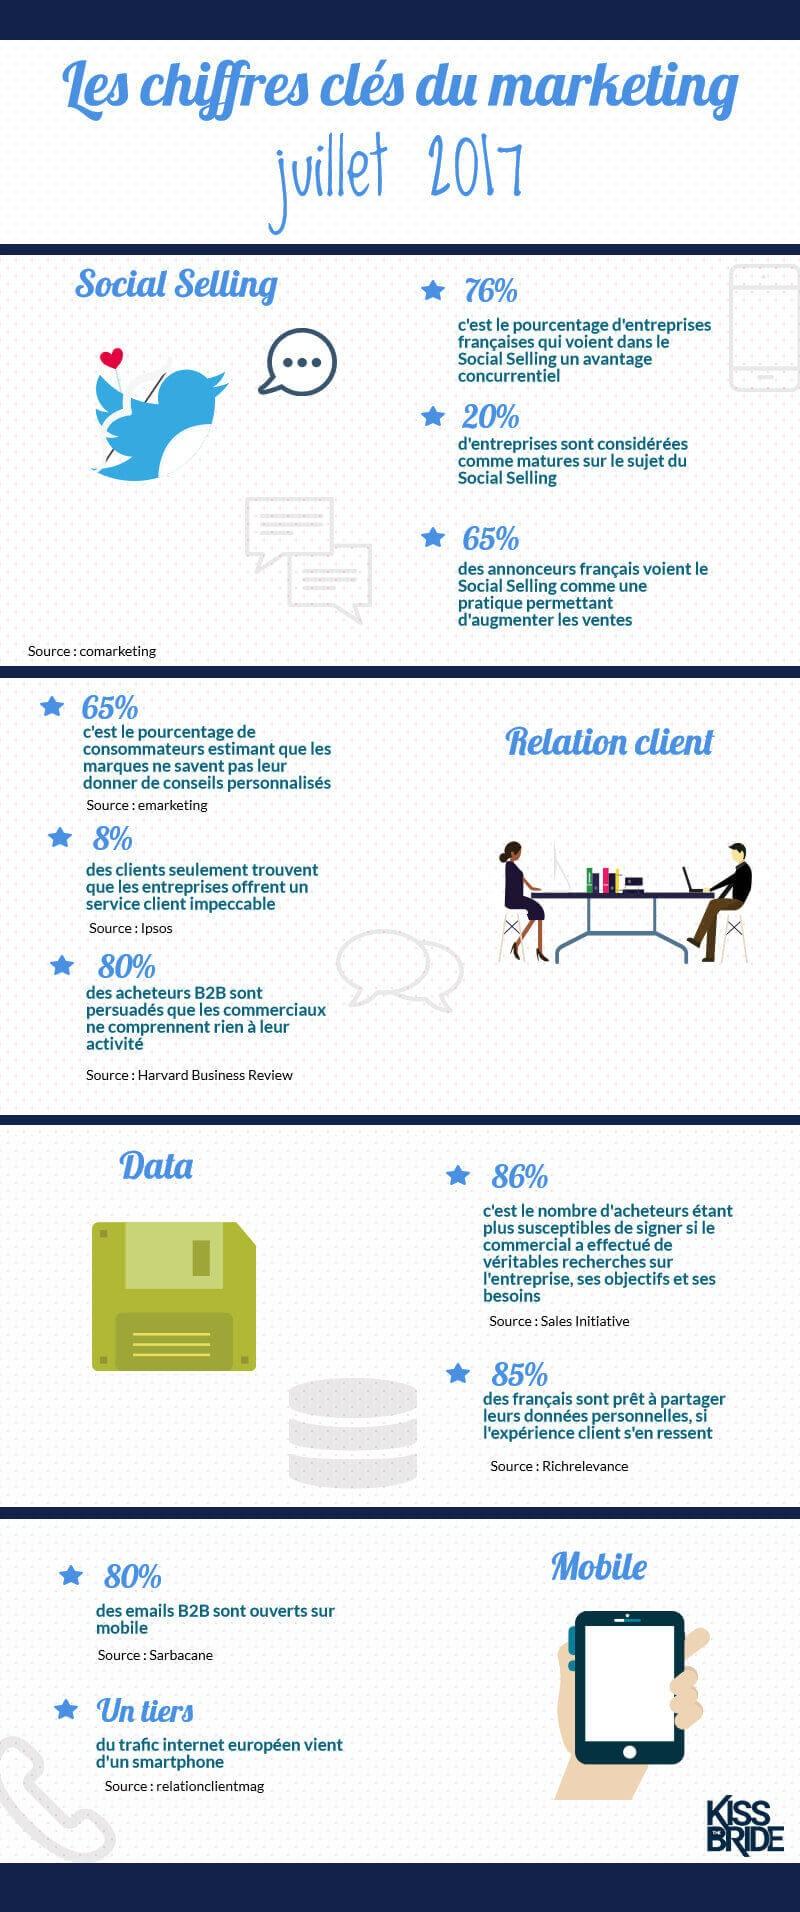 Infographie des chiffres clés du marketing du mois de juillet 2017